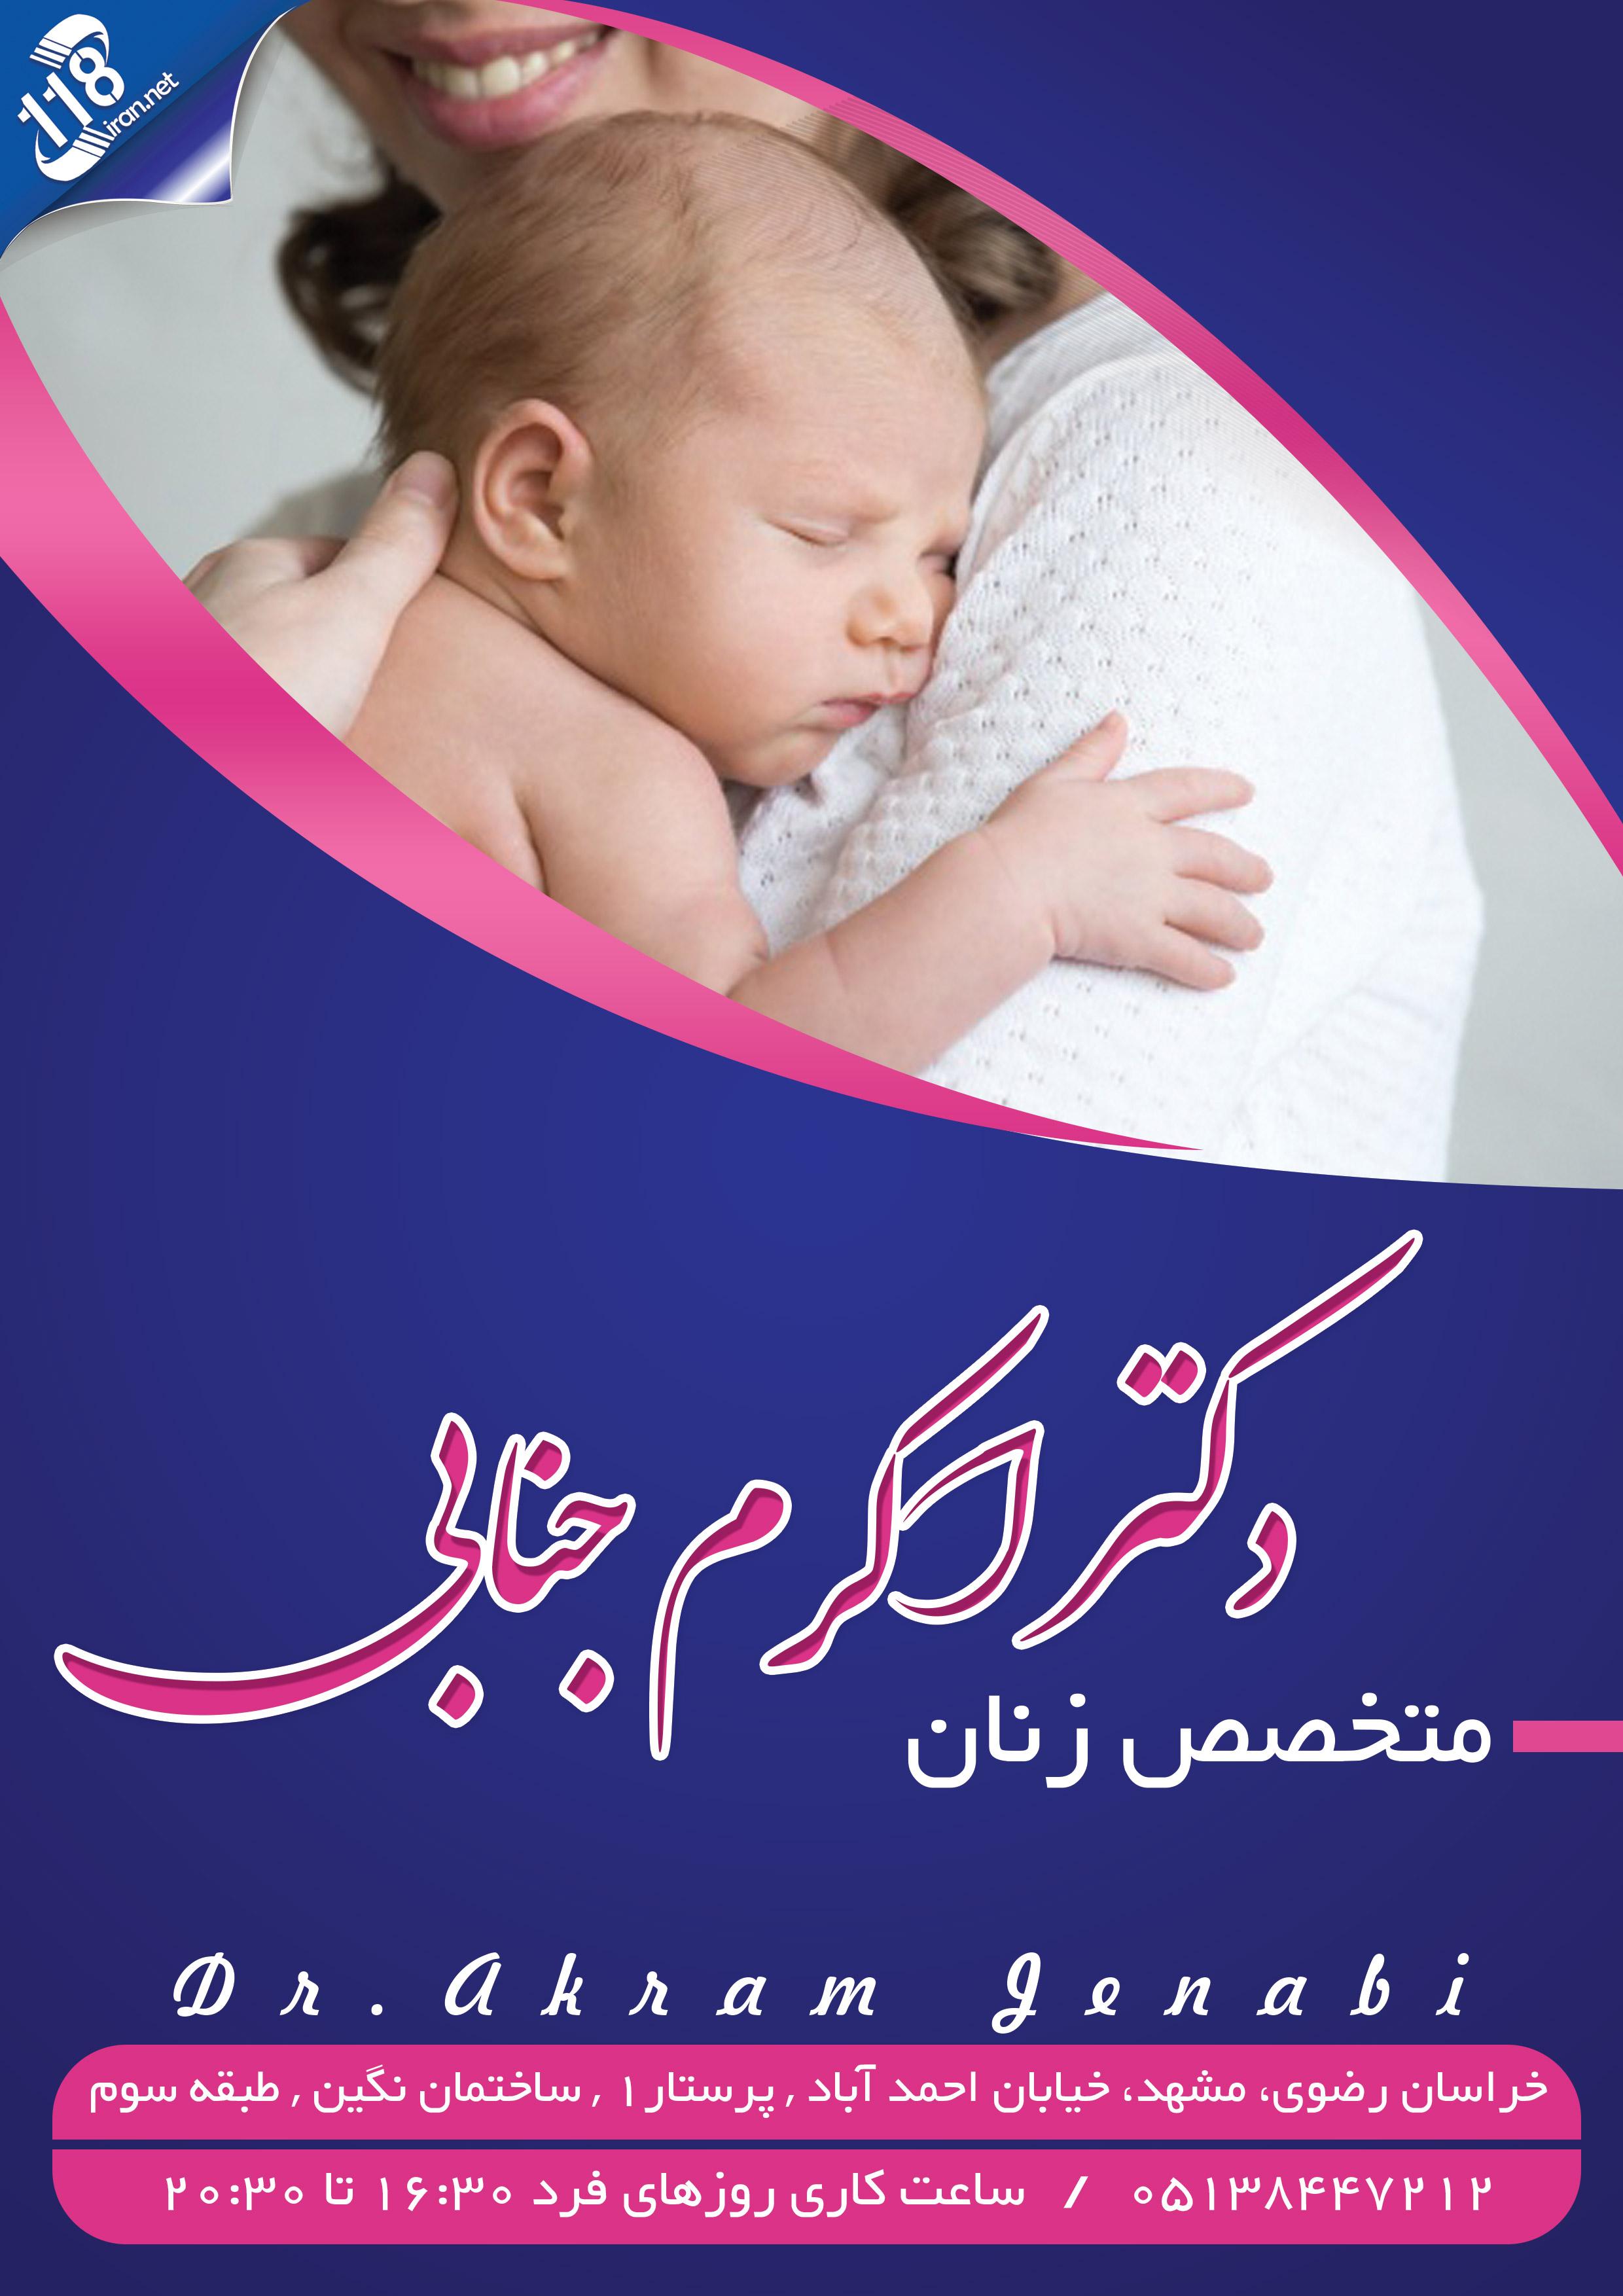 دکتر اکرم جنابی در مشهد